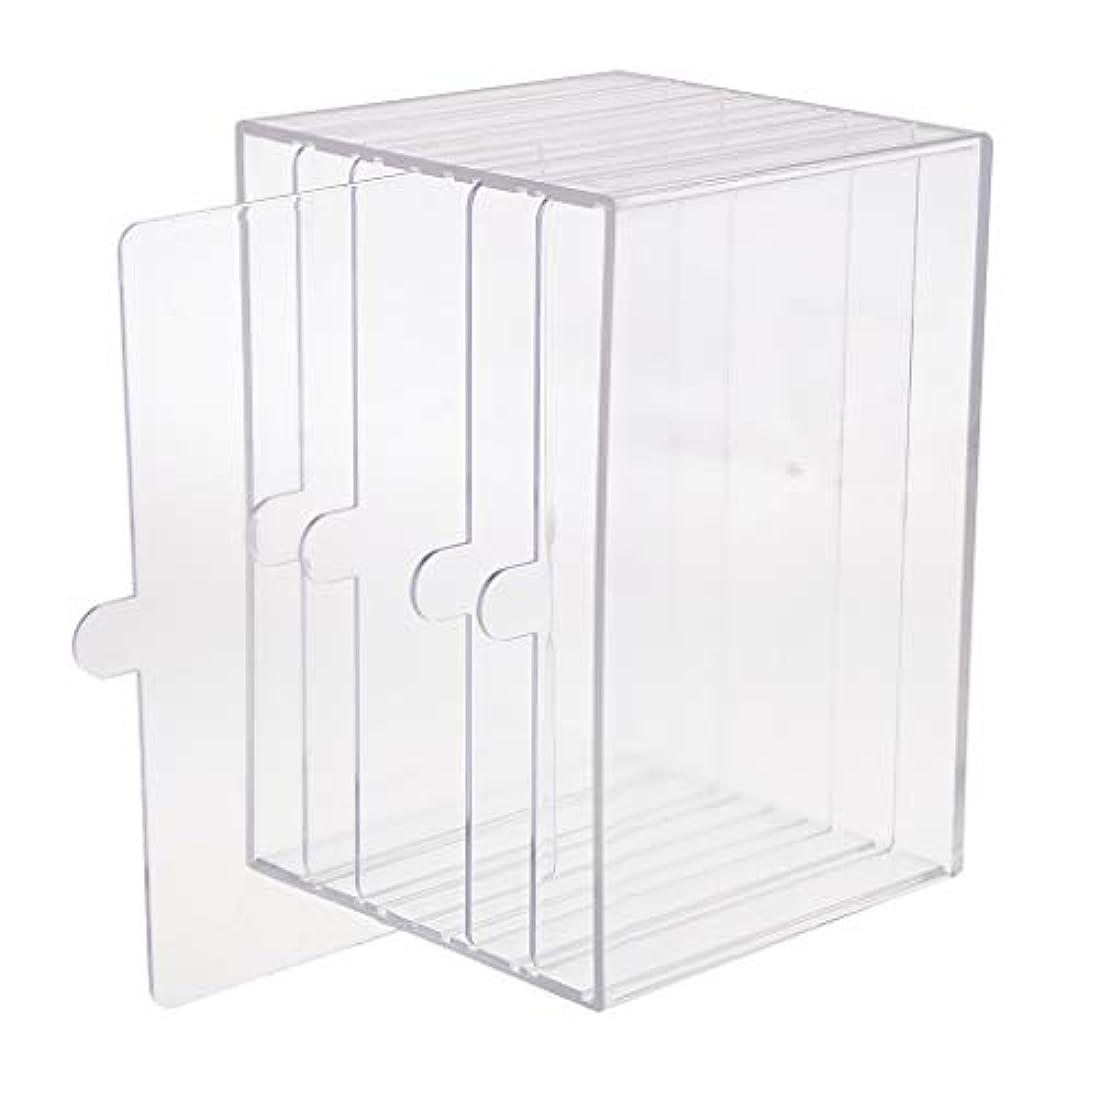 怠な平均ミリメートルchiwanji ネイルチップ ディスプレイ 収納ボックス 小物入り 収納容器 ディスプレイケース